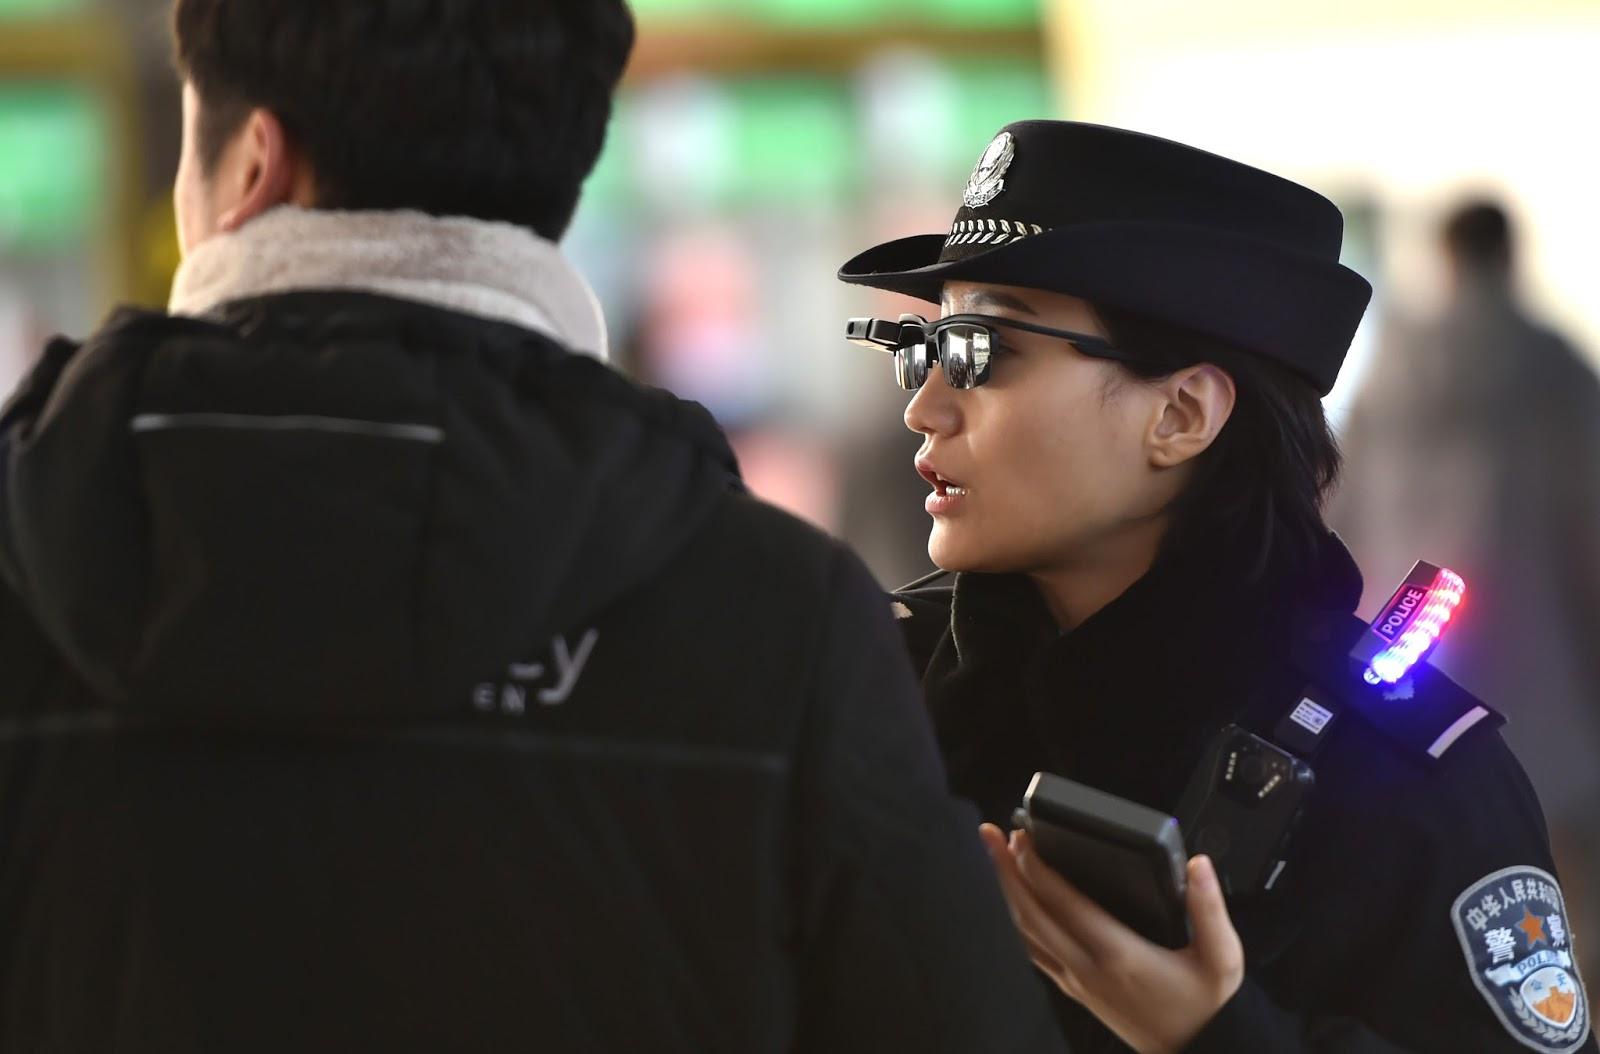 polisi-tiongkok-gunakan-kaca-mata-pintar-untuk-deteksi-wajah-kriminal